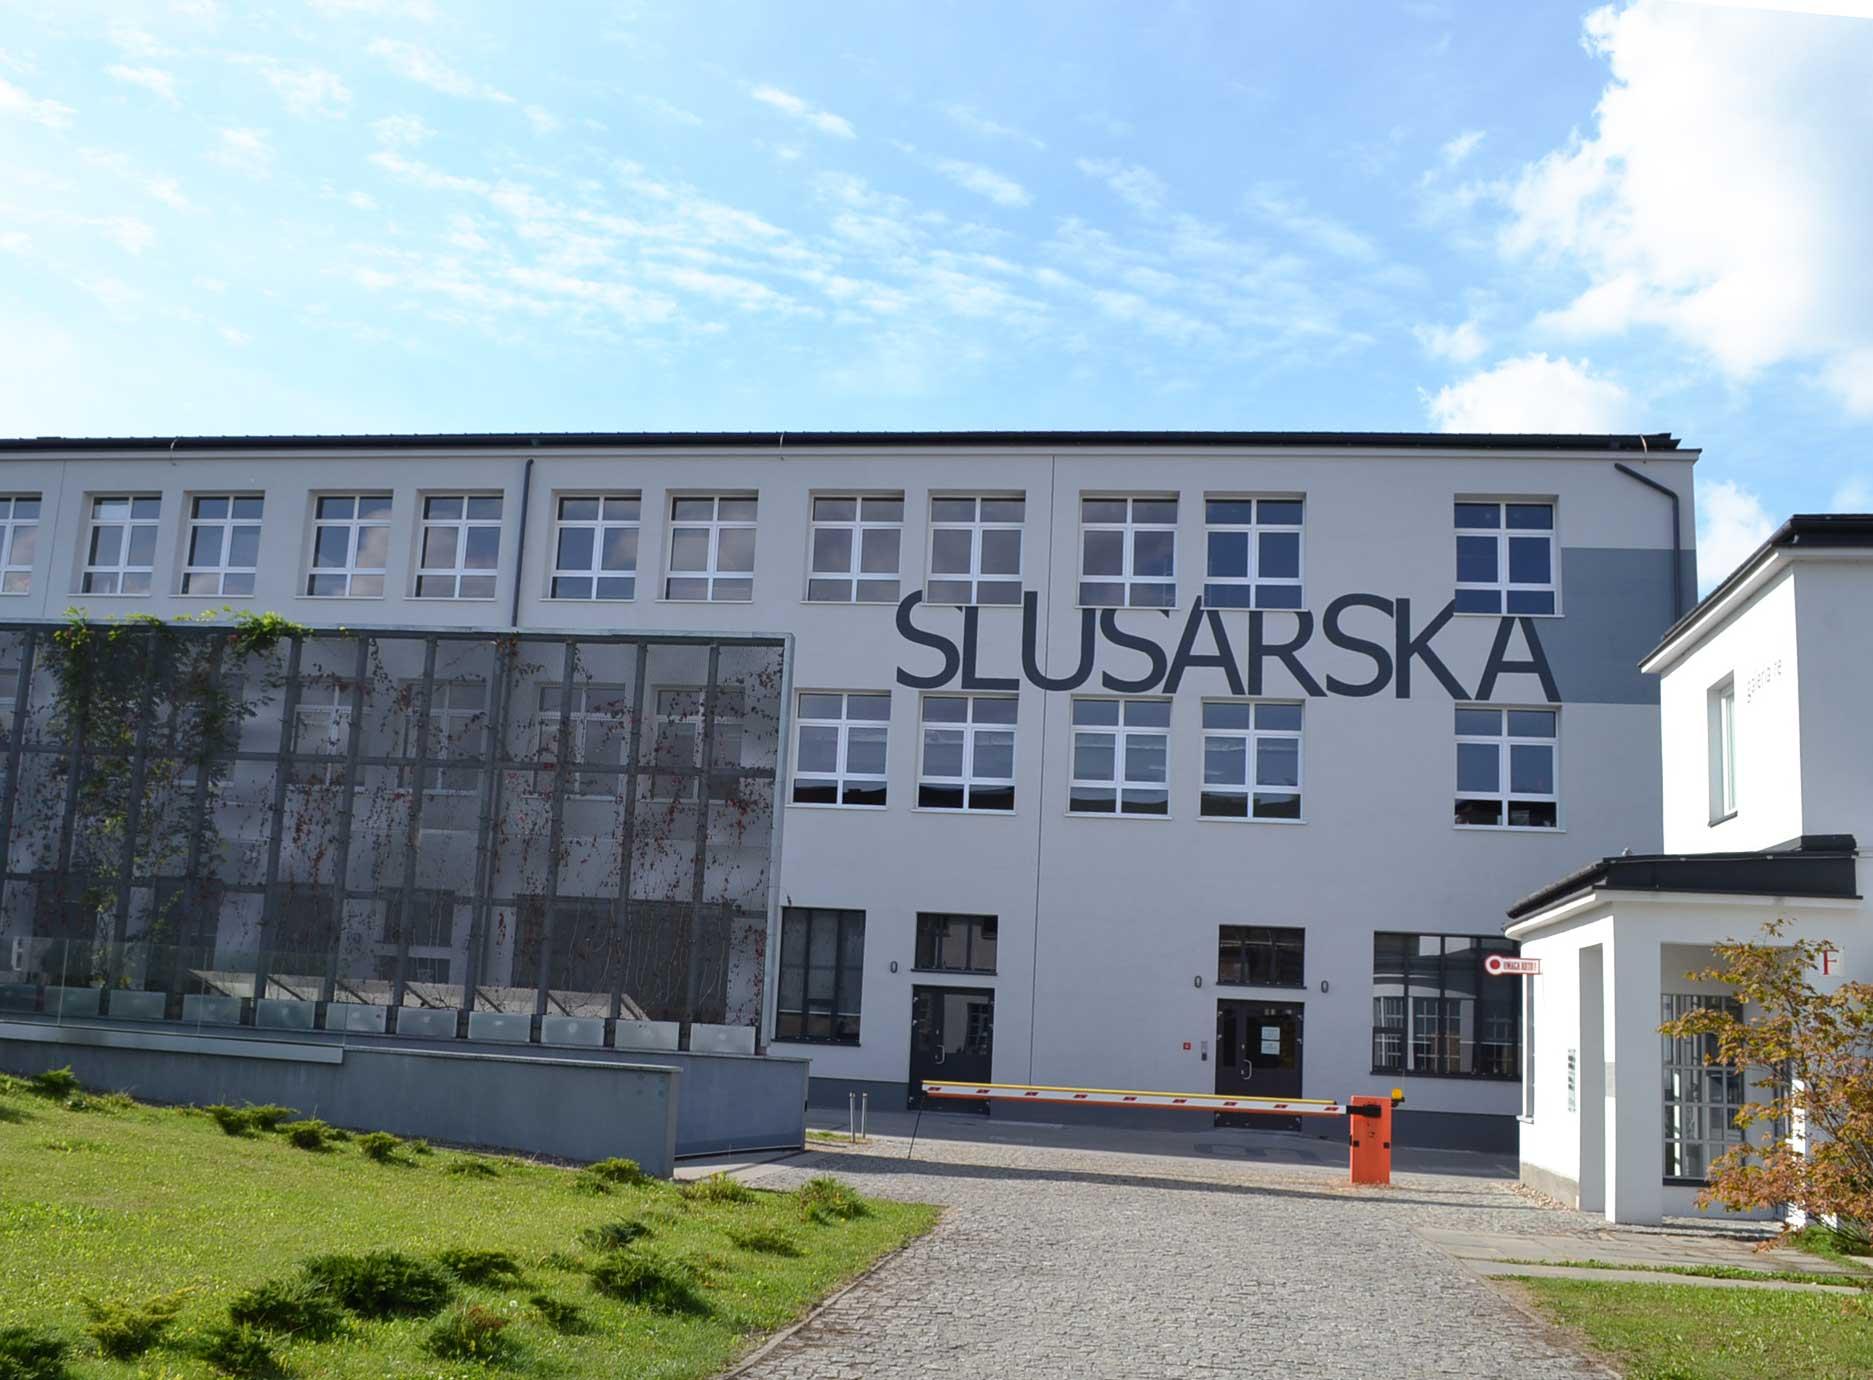 slusarska 9 ksiegowosc polska